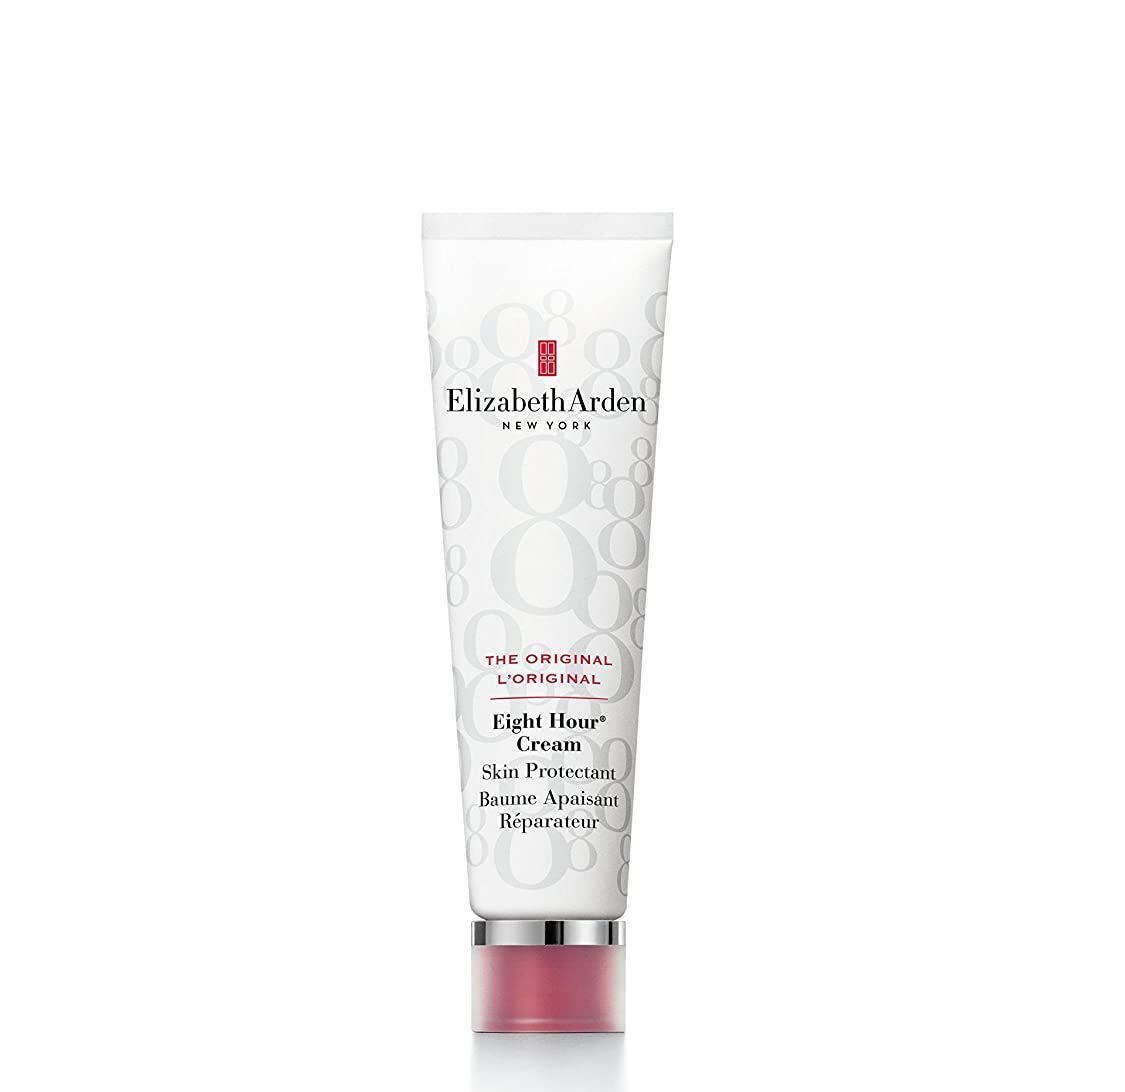 كريم Elizabeth Arden Eight Hour Cream Skin Protectant